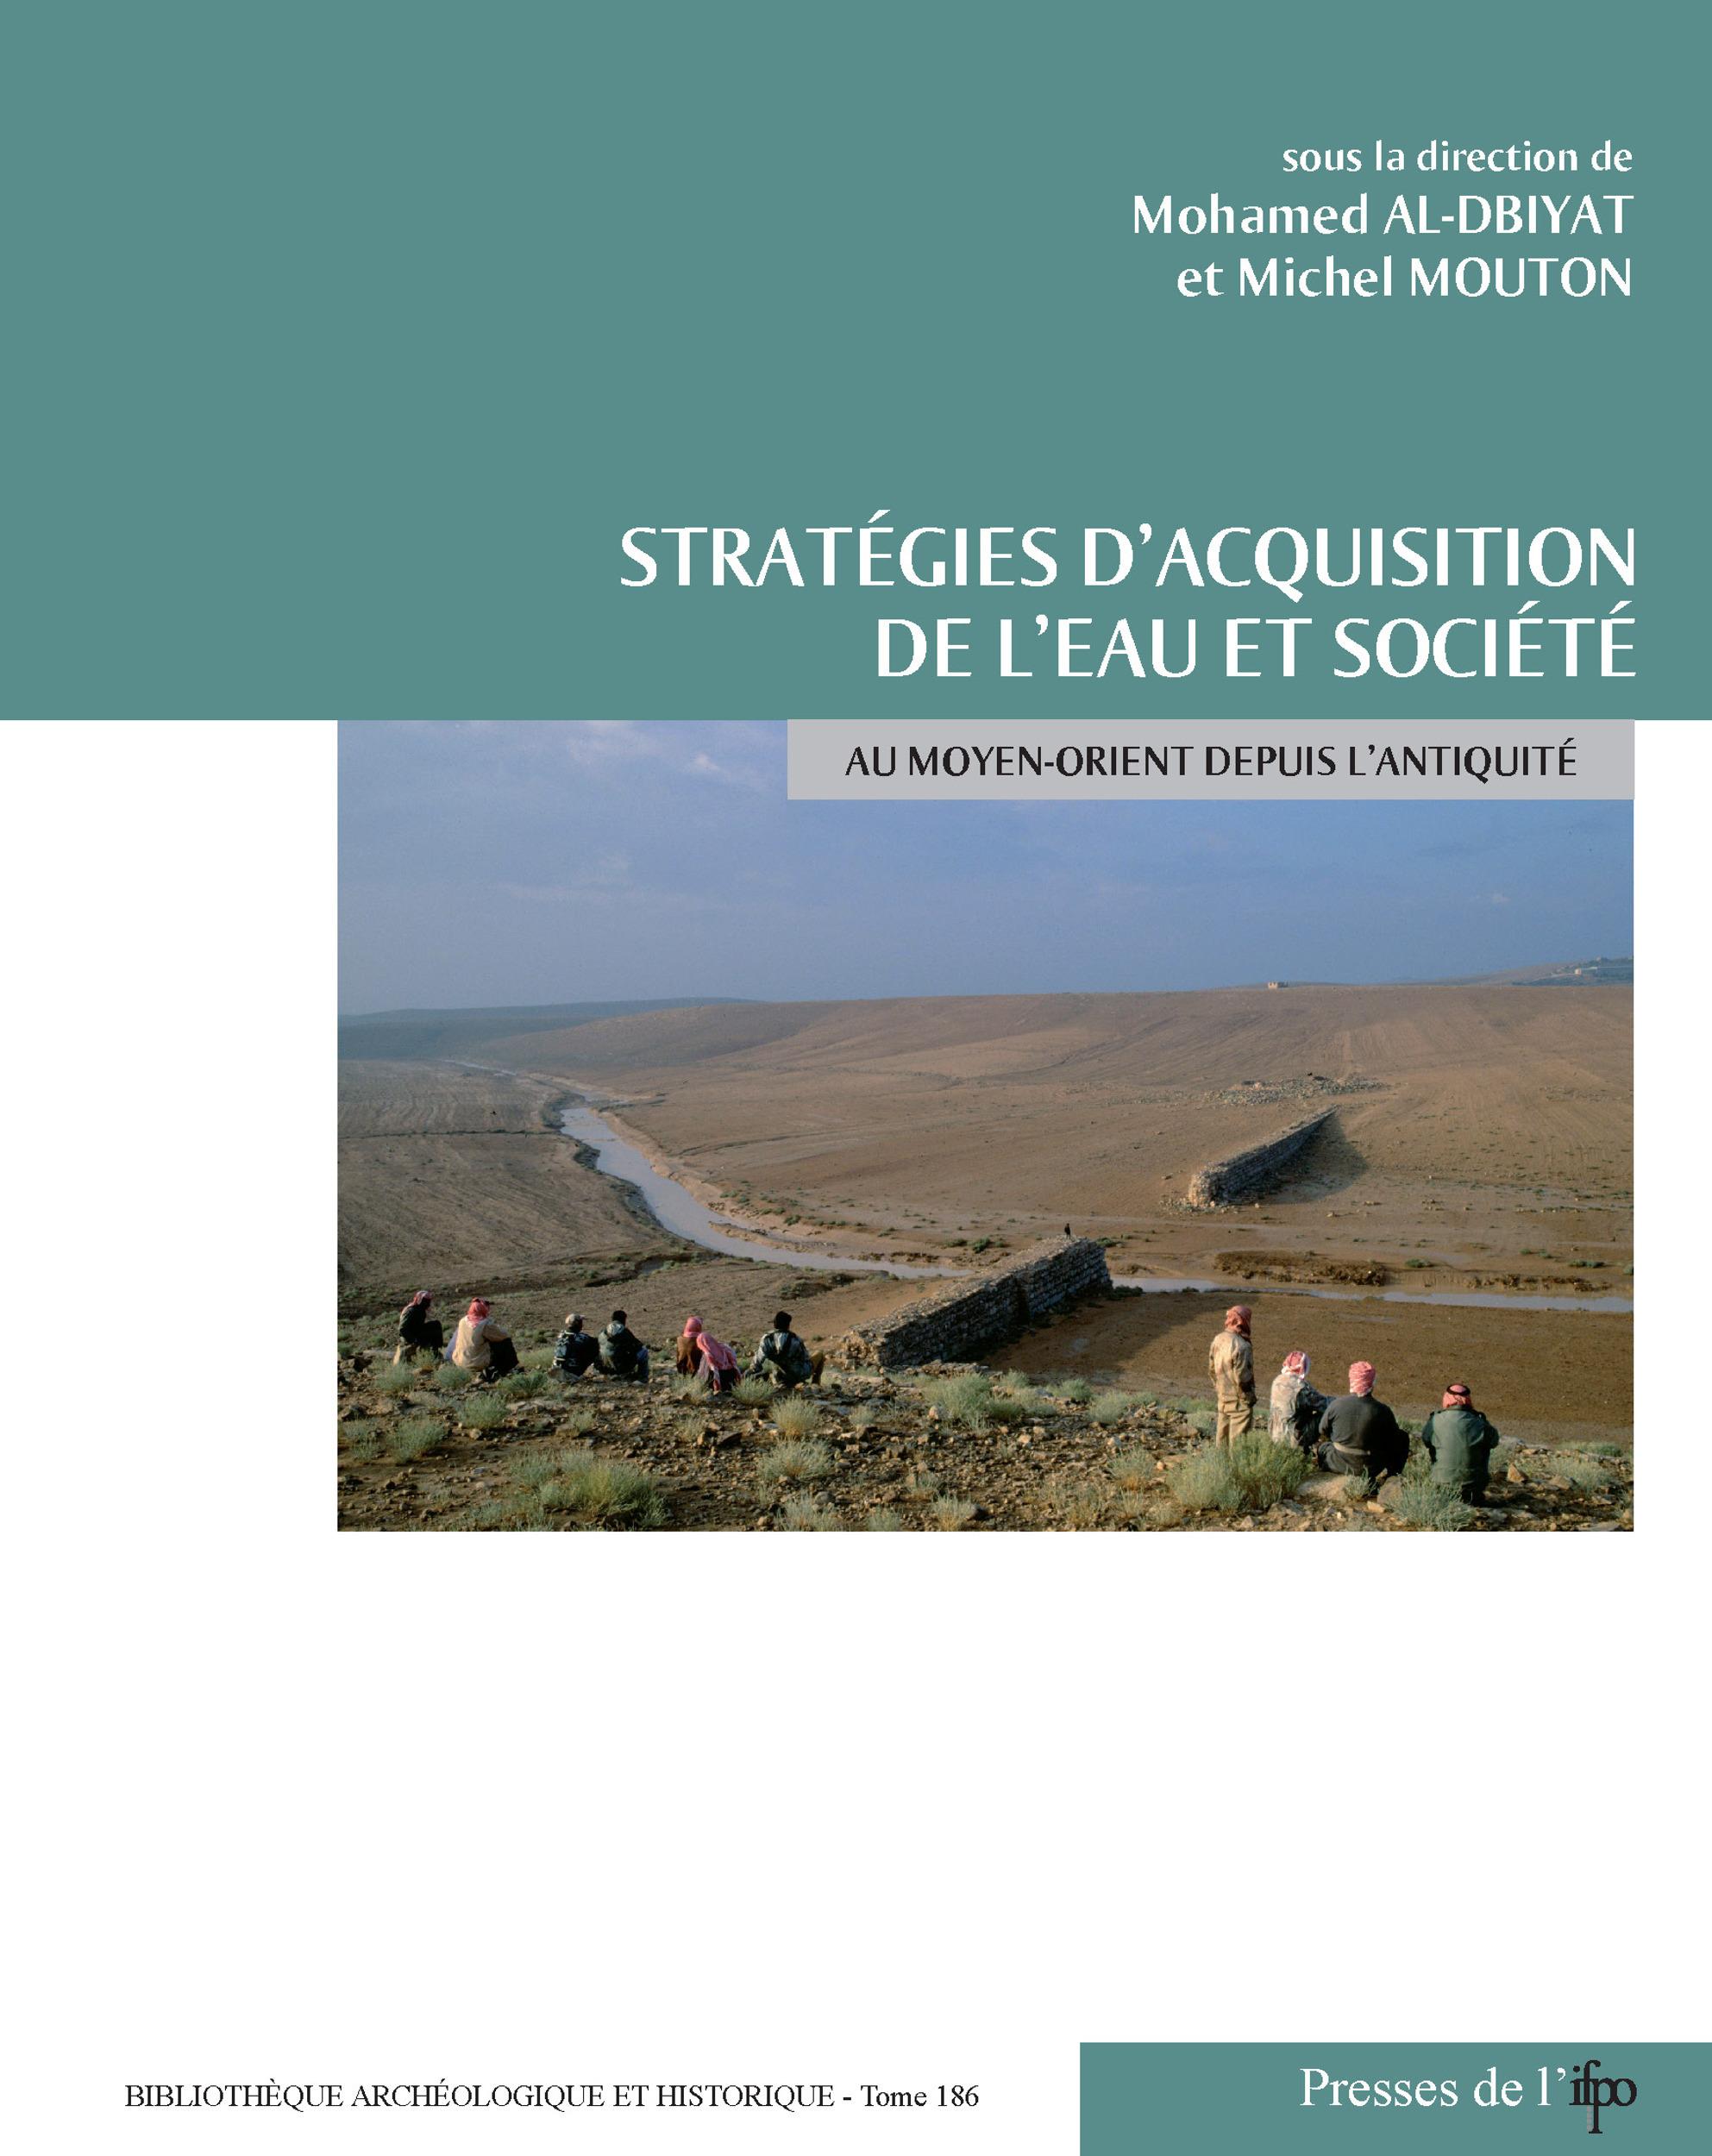 Stratégies d'acquisition de l'eau et société